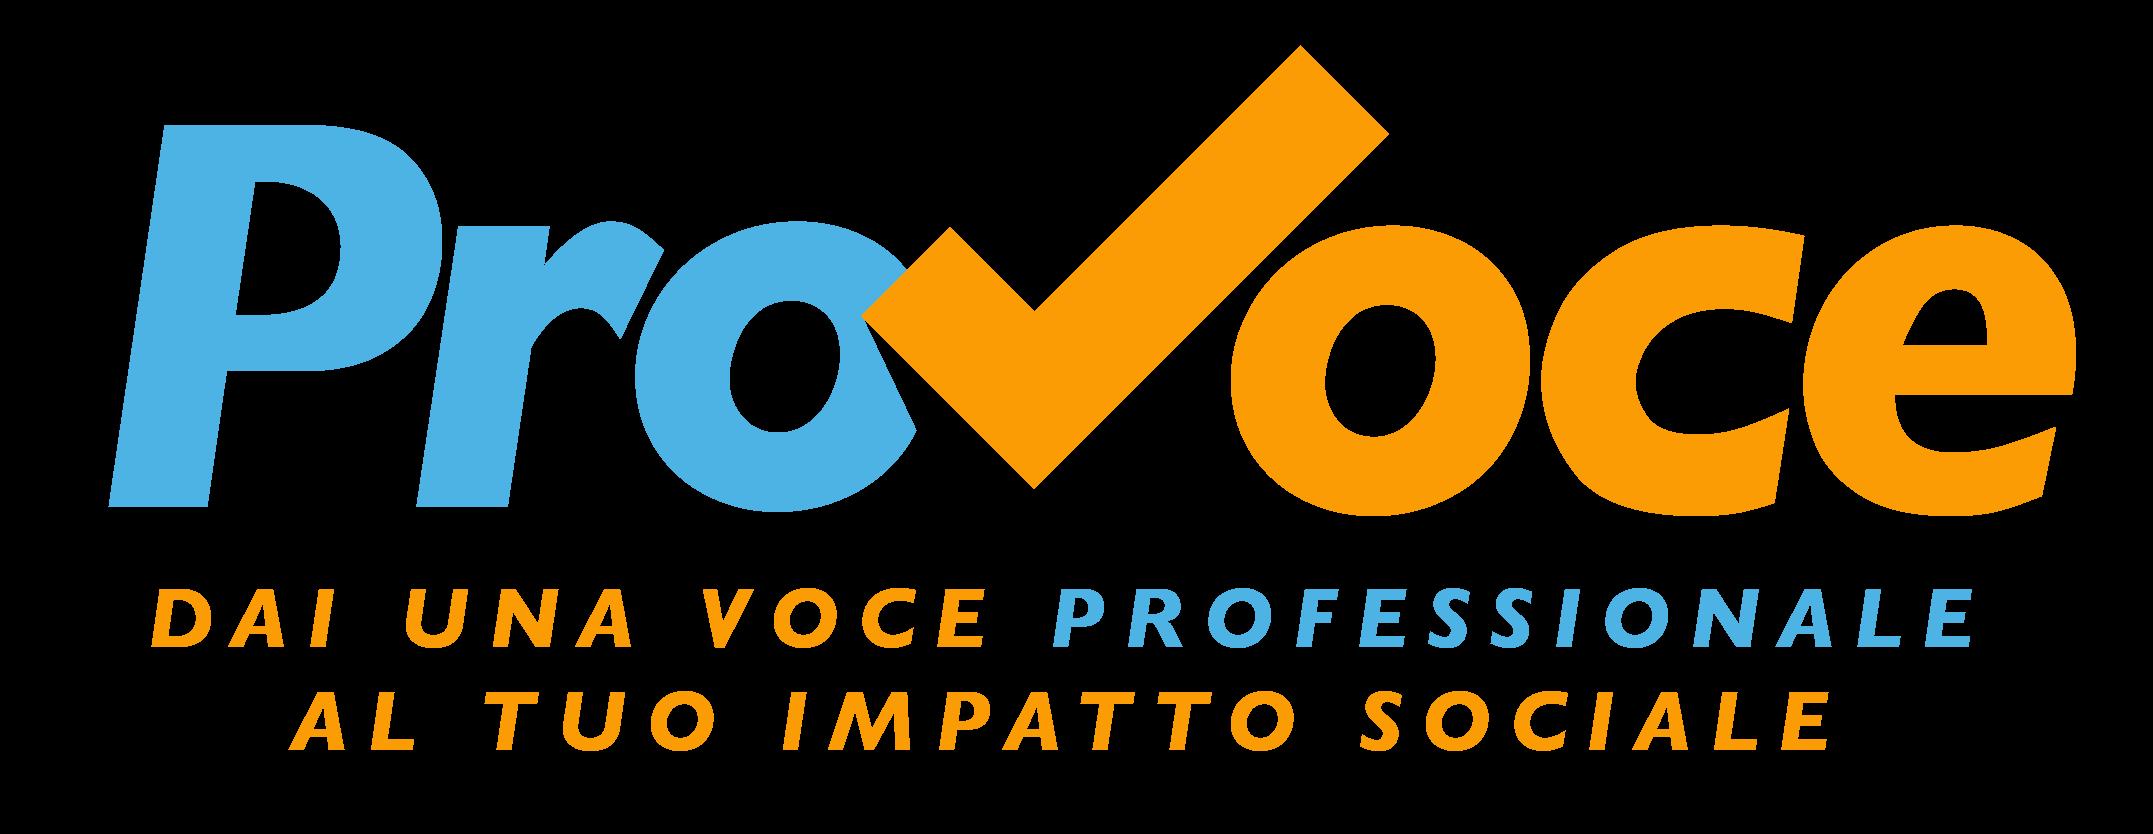 Logo colore con sottotitolo